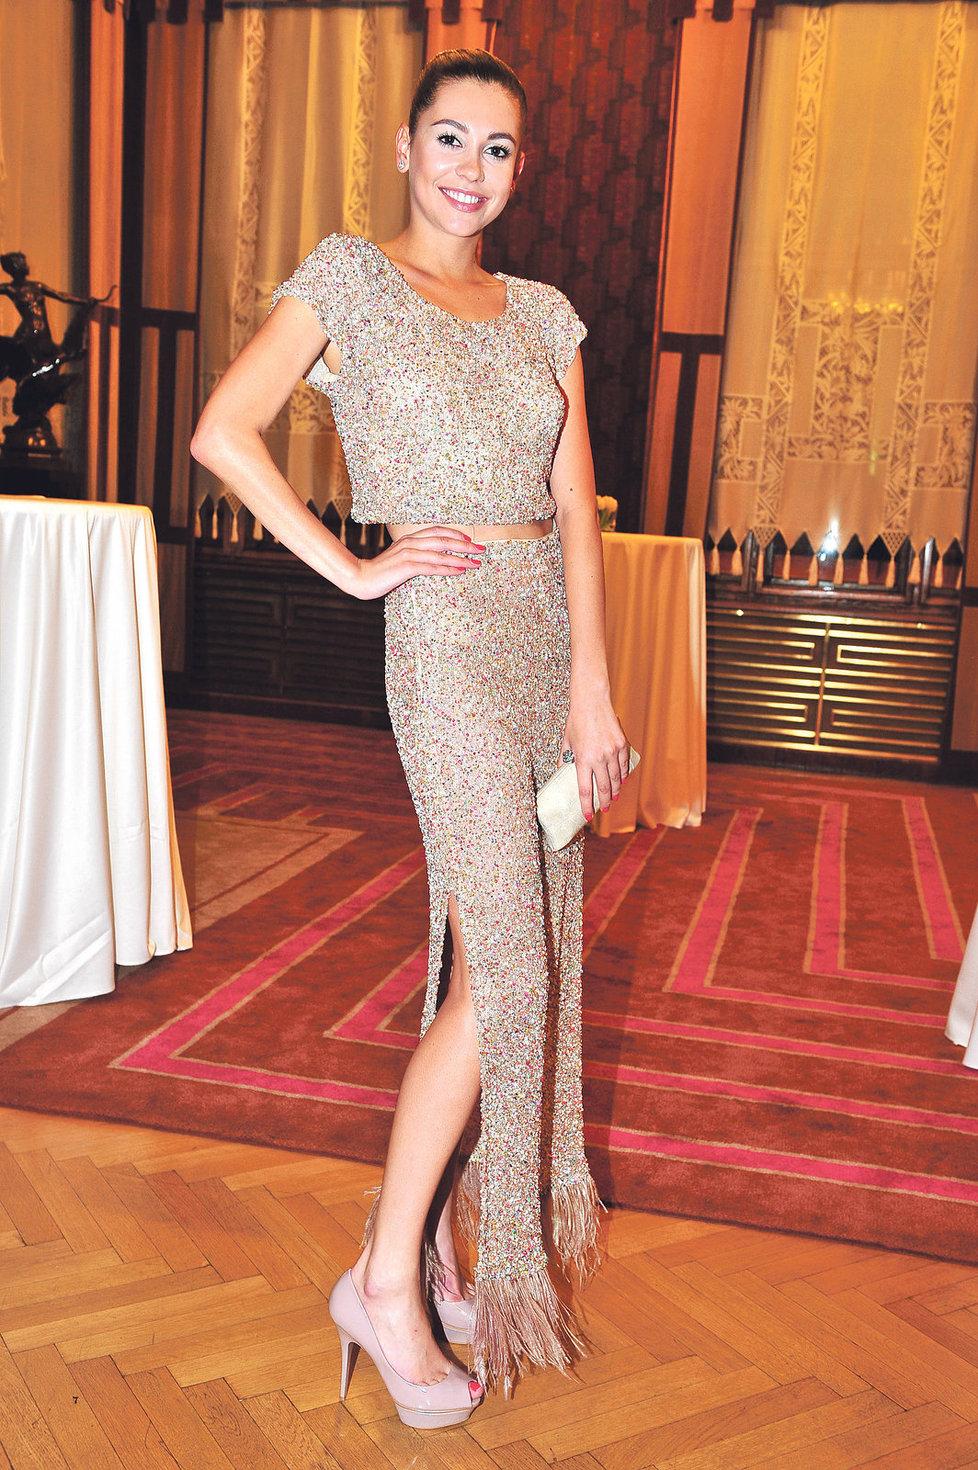 Modelka Hana Svobodová se oblékla od hlavy až k patě do modelů od Beaty Rajské. Šaty od Beaty Rajské za 42 000 Kč, Psaníčko od stejnojmenné návrhářky za 7000 Kč a boty od Rajské za 6000 Kč